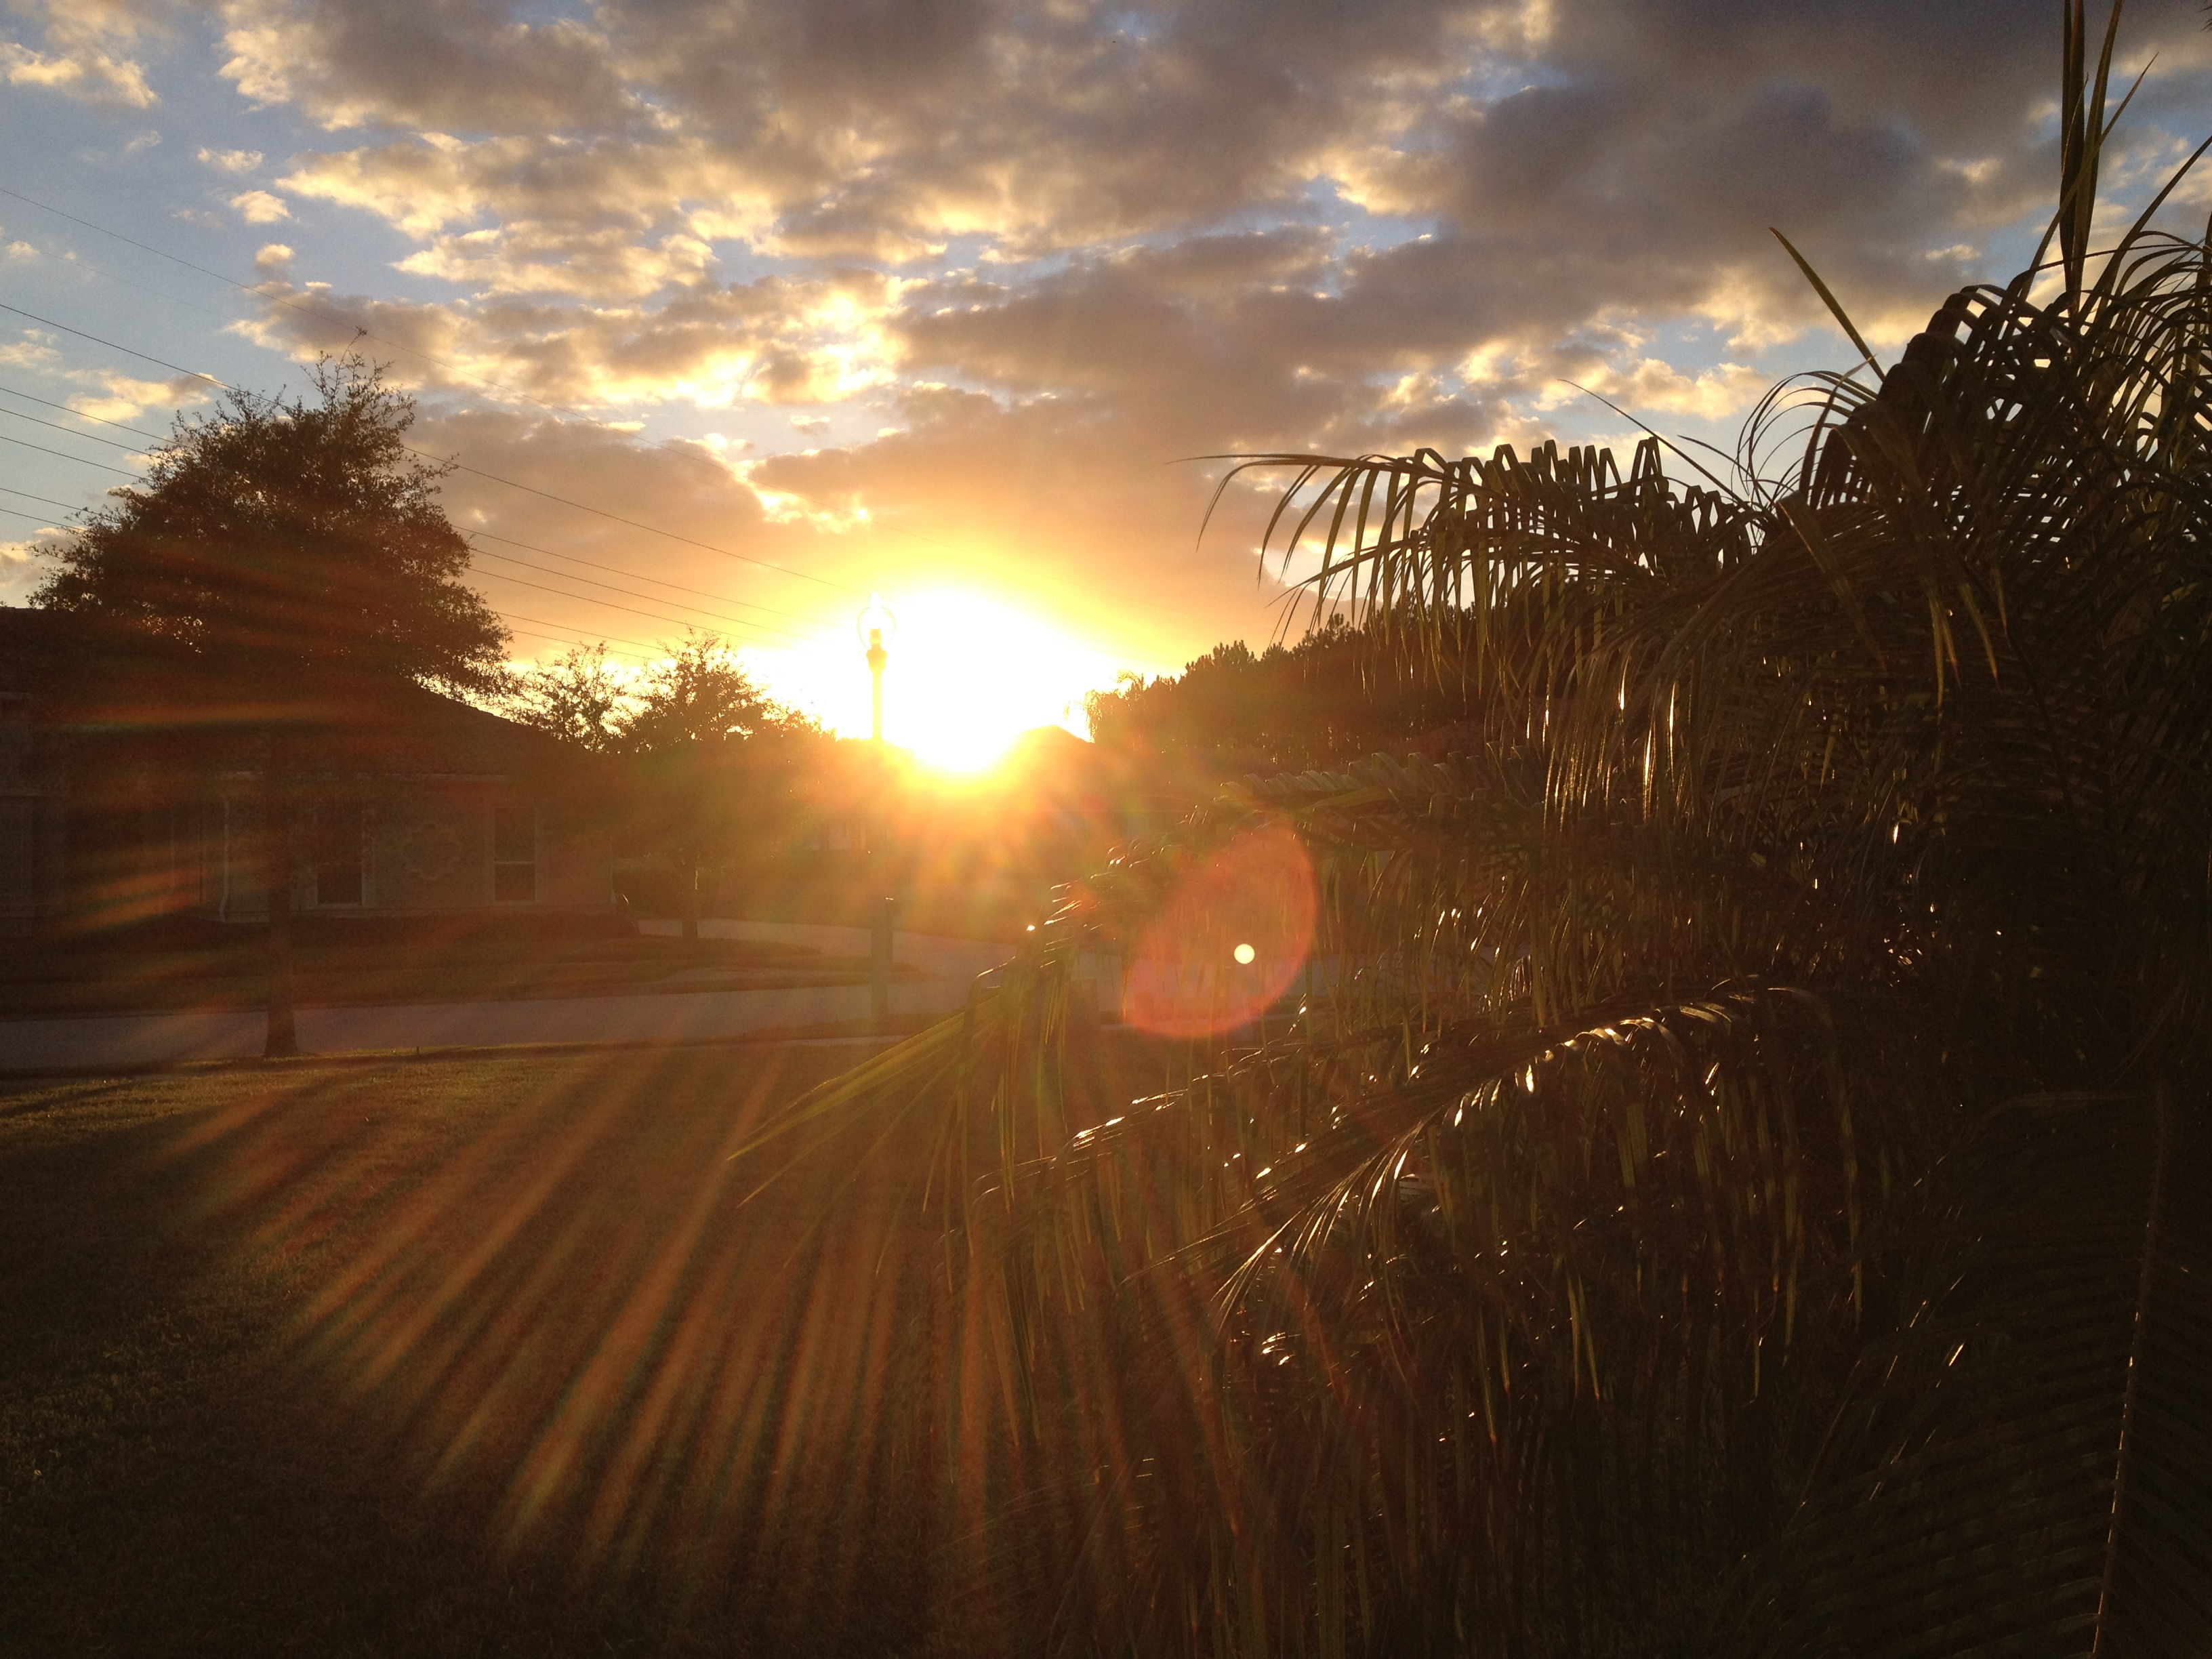 Sunset for Healing Power of Sunshine 2